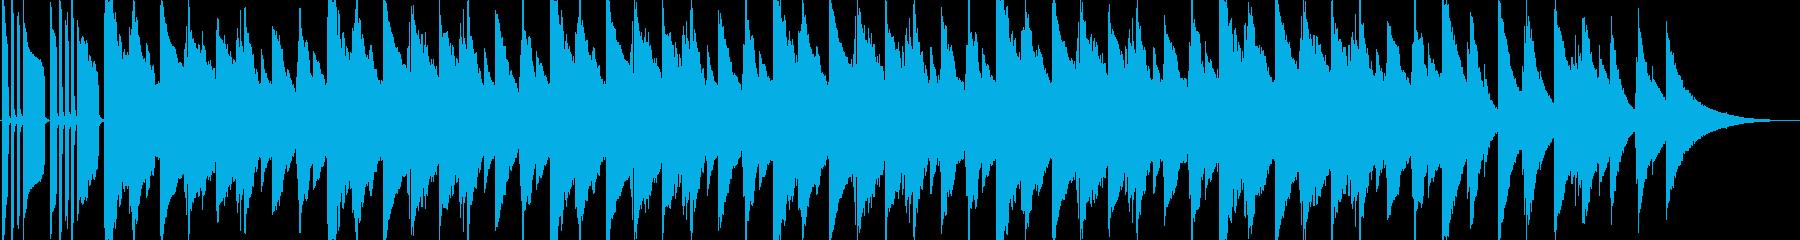 雨をイメージしたアンニュイなBGMの再生済みの波形